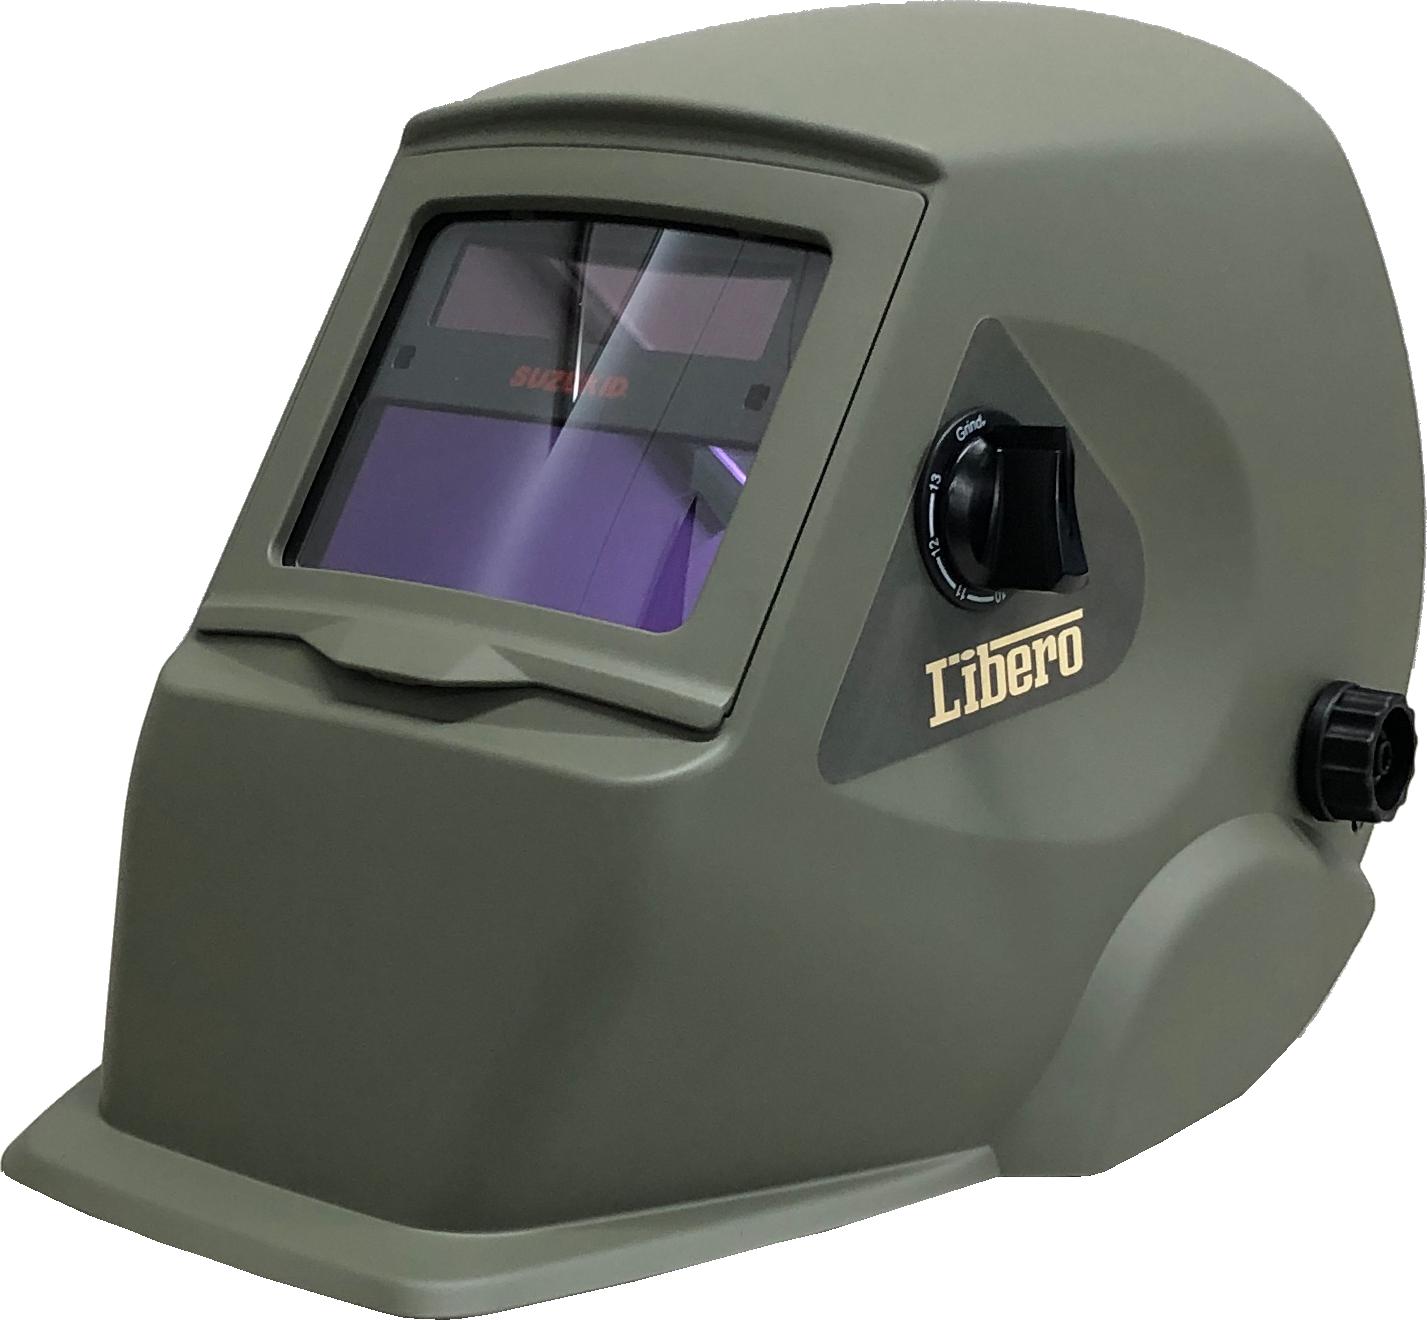 LR-200MG